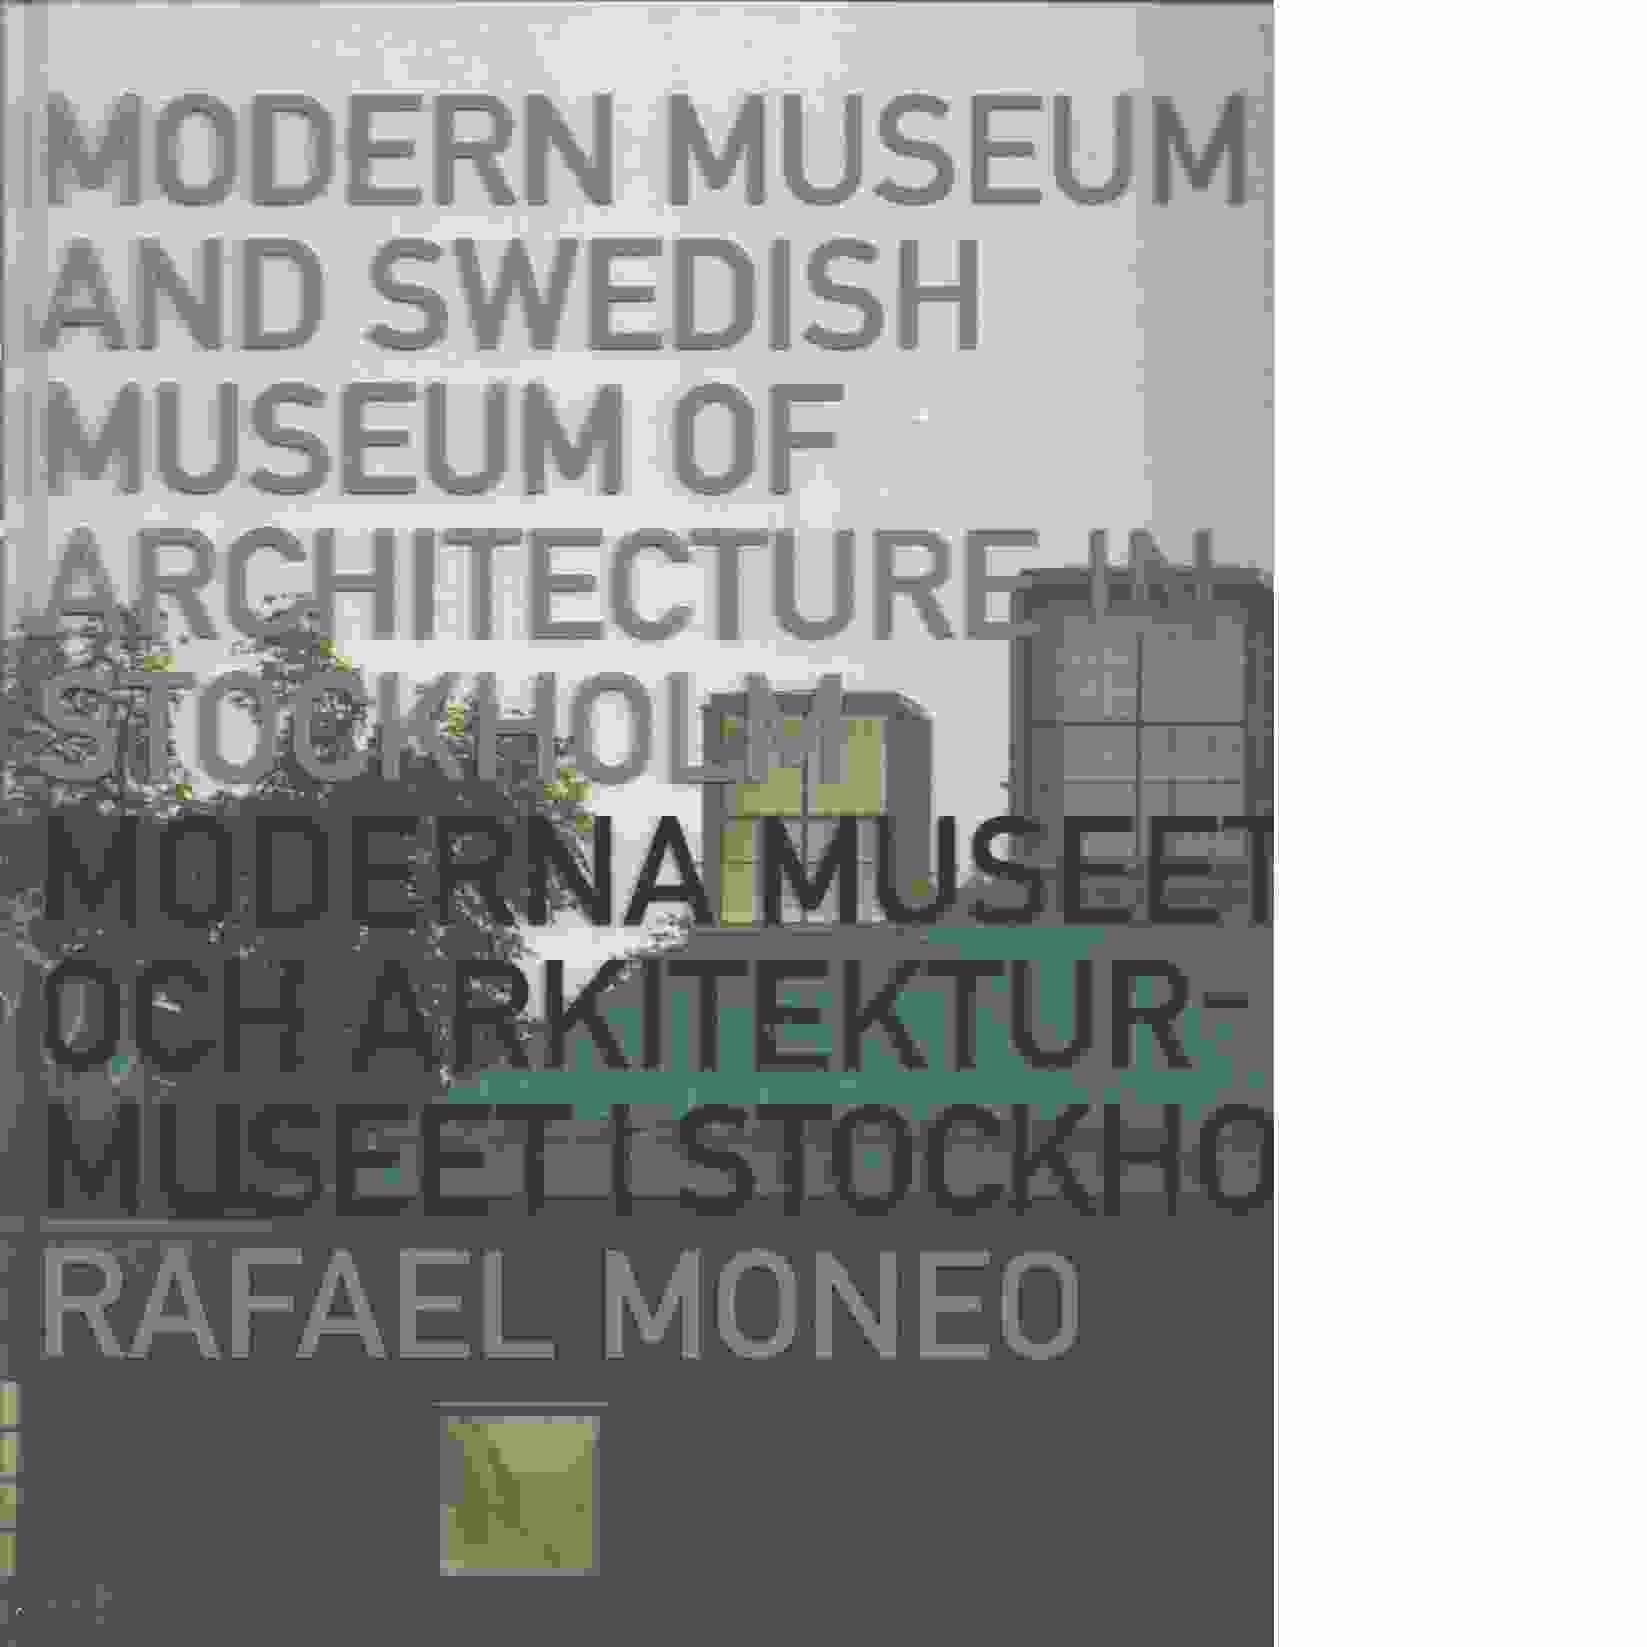 Moderna museet och Arkitekturmuseet i Stockholm  - Moneo, Rafael och Mårtelius, Johan